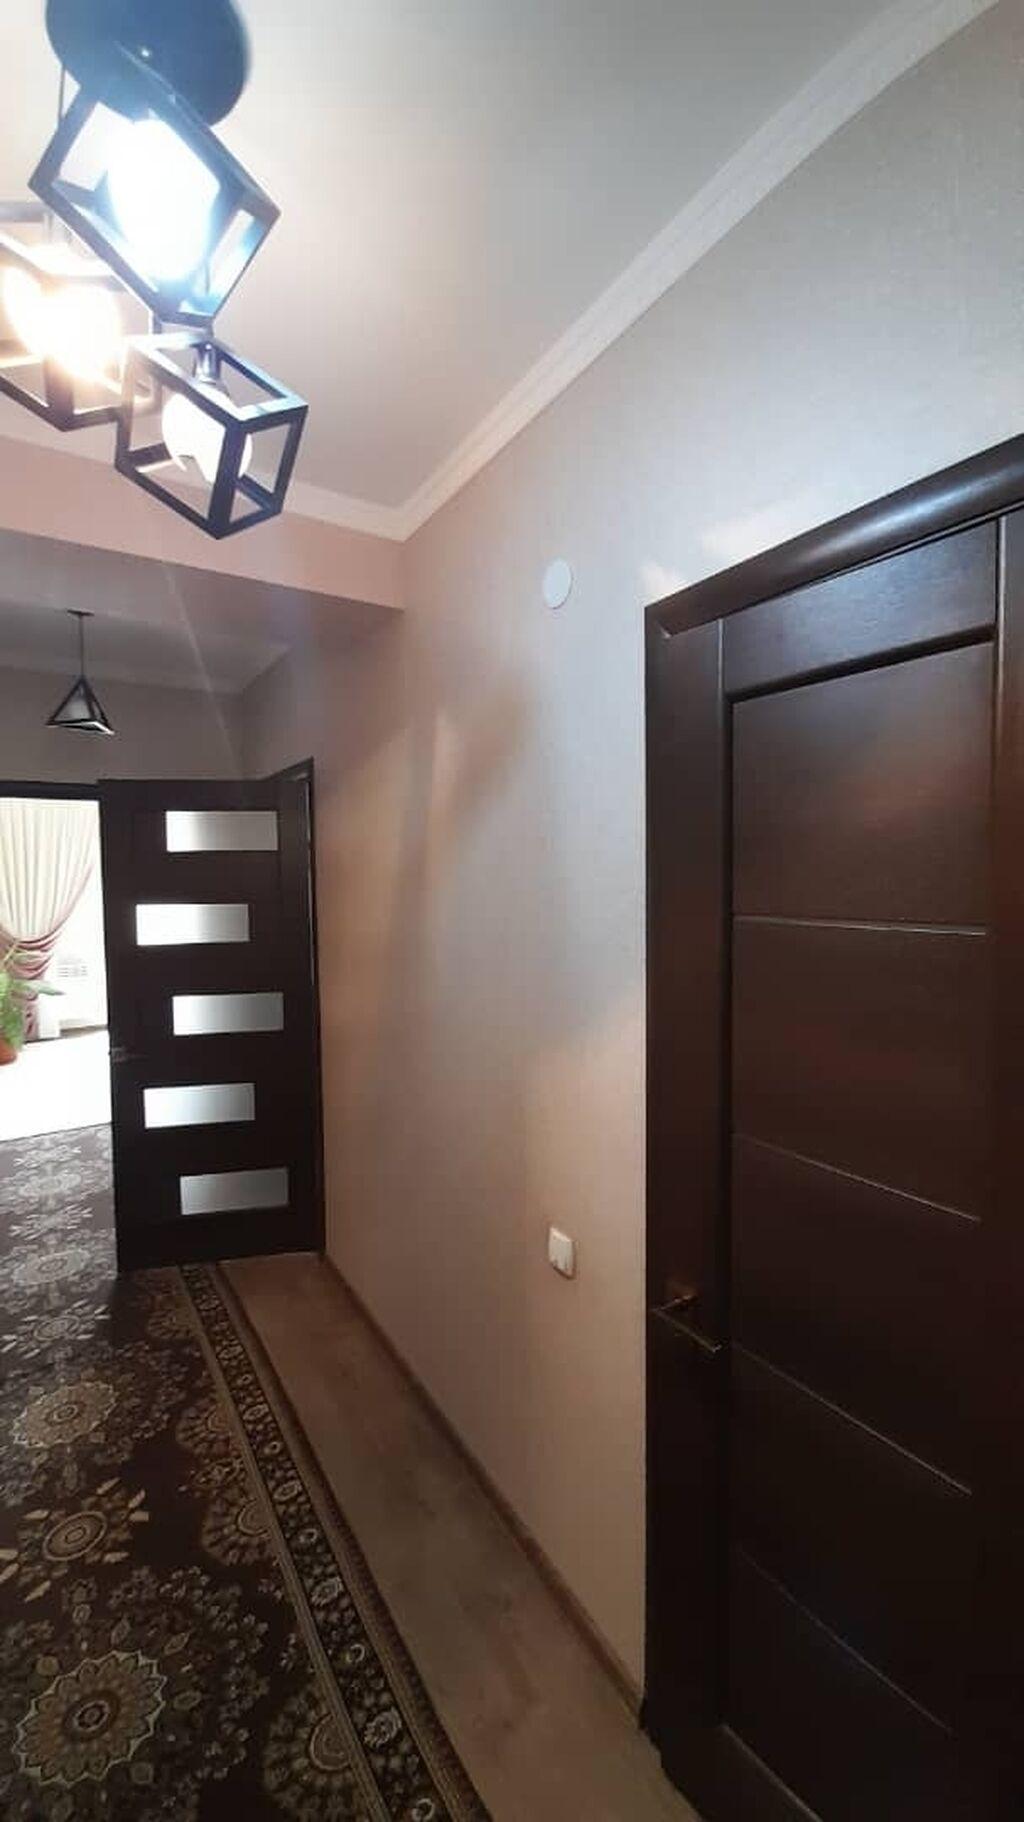 Элитка, 2 комнаты, 83 кв. м С мебелью: Элитка, 2 комнаты, 83 кв. м С мебелью